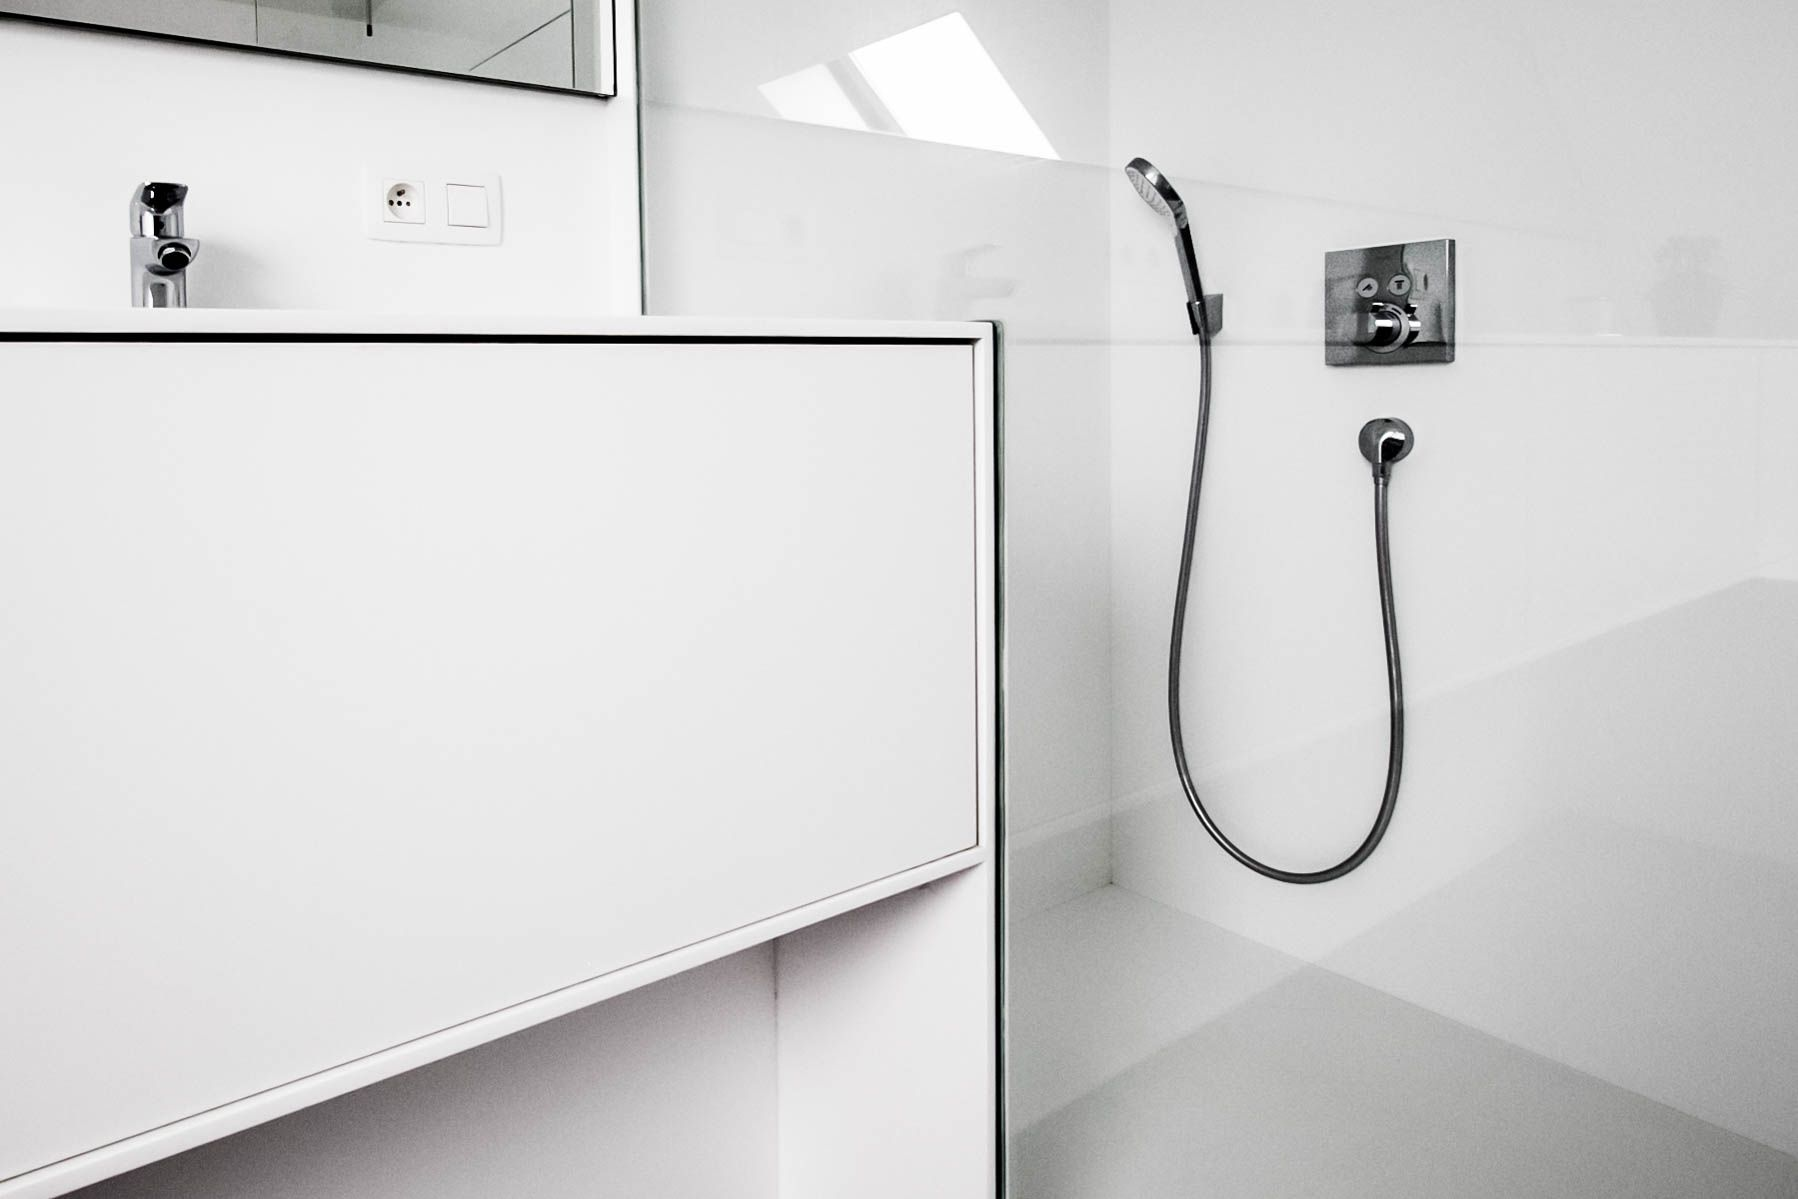 Inloopdouche Met Opzetwastafel : Badkamerinspiratie modern badkamermeubel met ruime inloopdouche